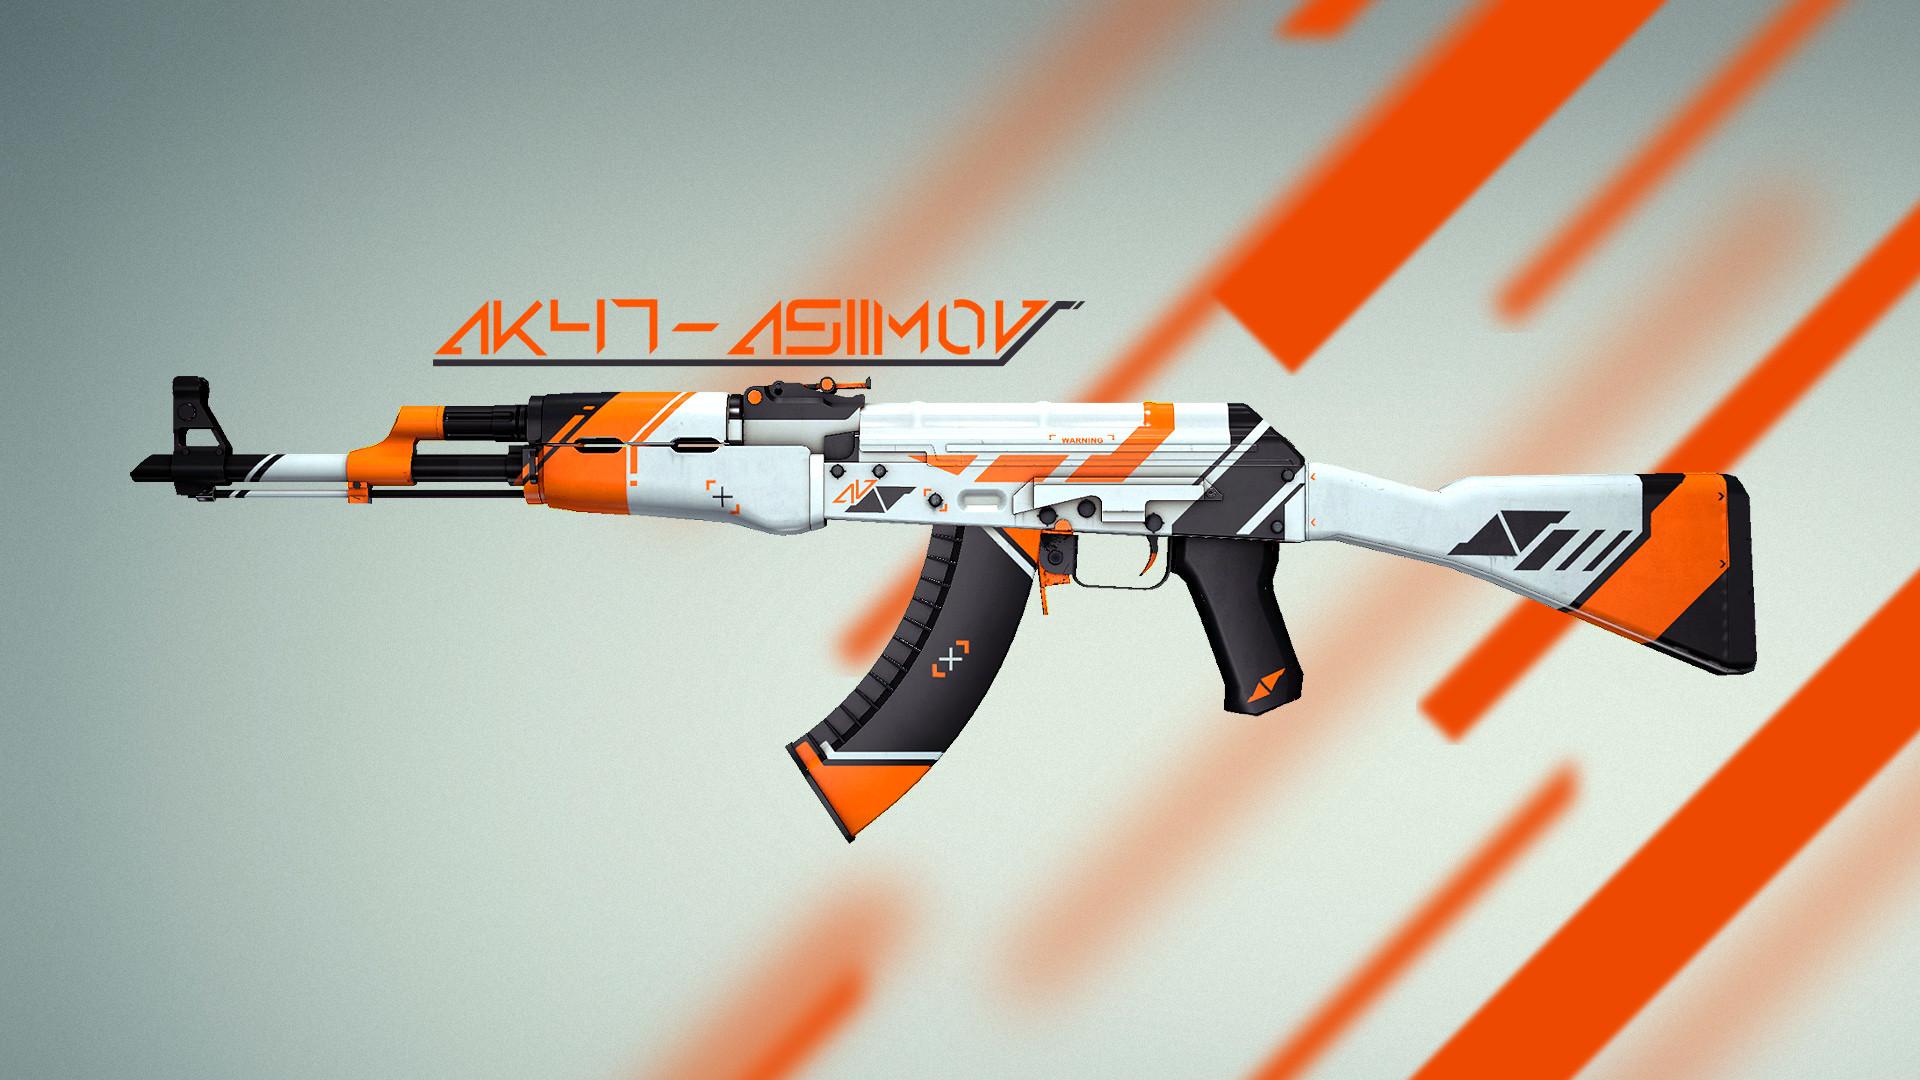 ak-47-asiimov-asiimov.jpg (1920×1080) | Games | Pinterest | AK 47, Gaming  and Video games